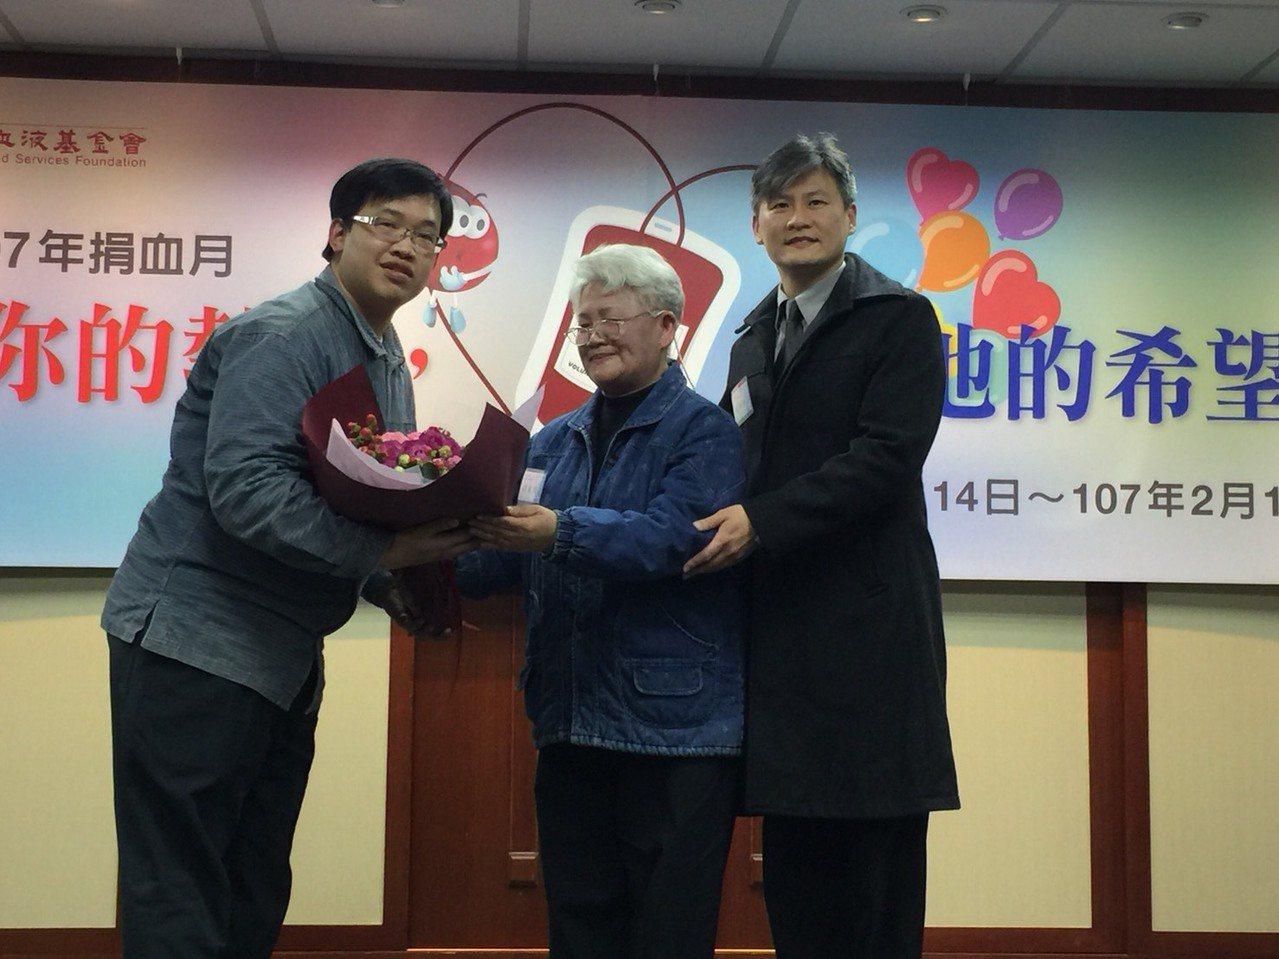 郁仁的母親陳齡珠(中)與弟弟蘇裕翔(右一)接受贈花。記者黃安琪/攝影